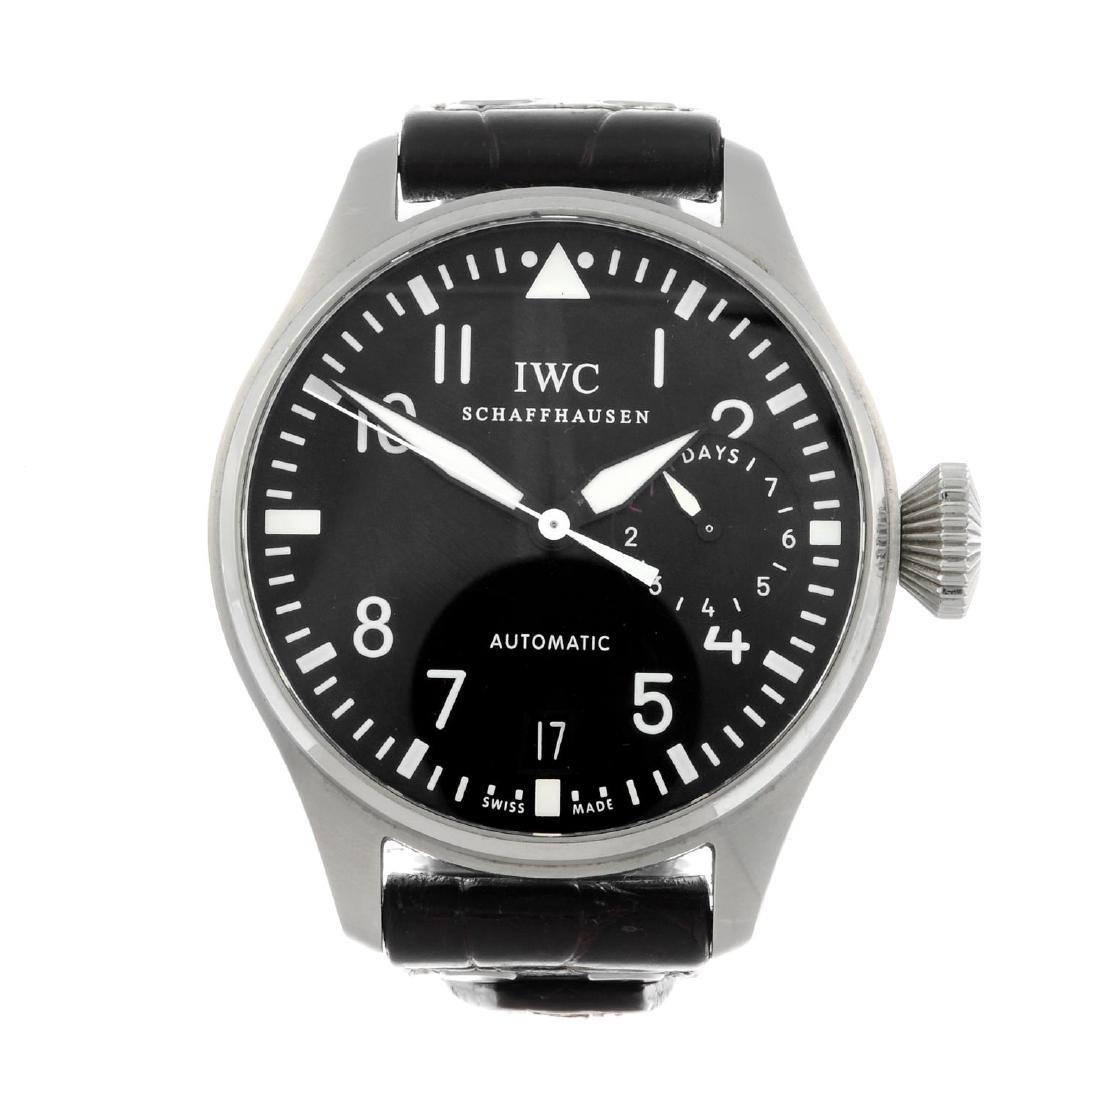 IWC - a gentleman's Big Pilot wrist watch. Stainless